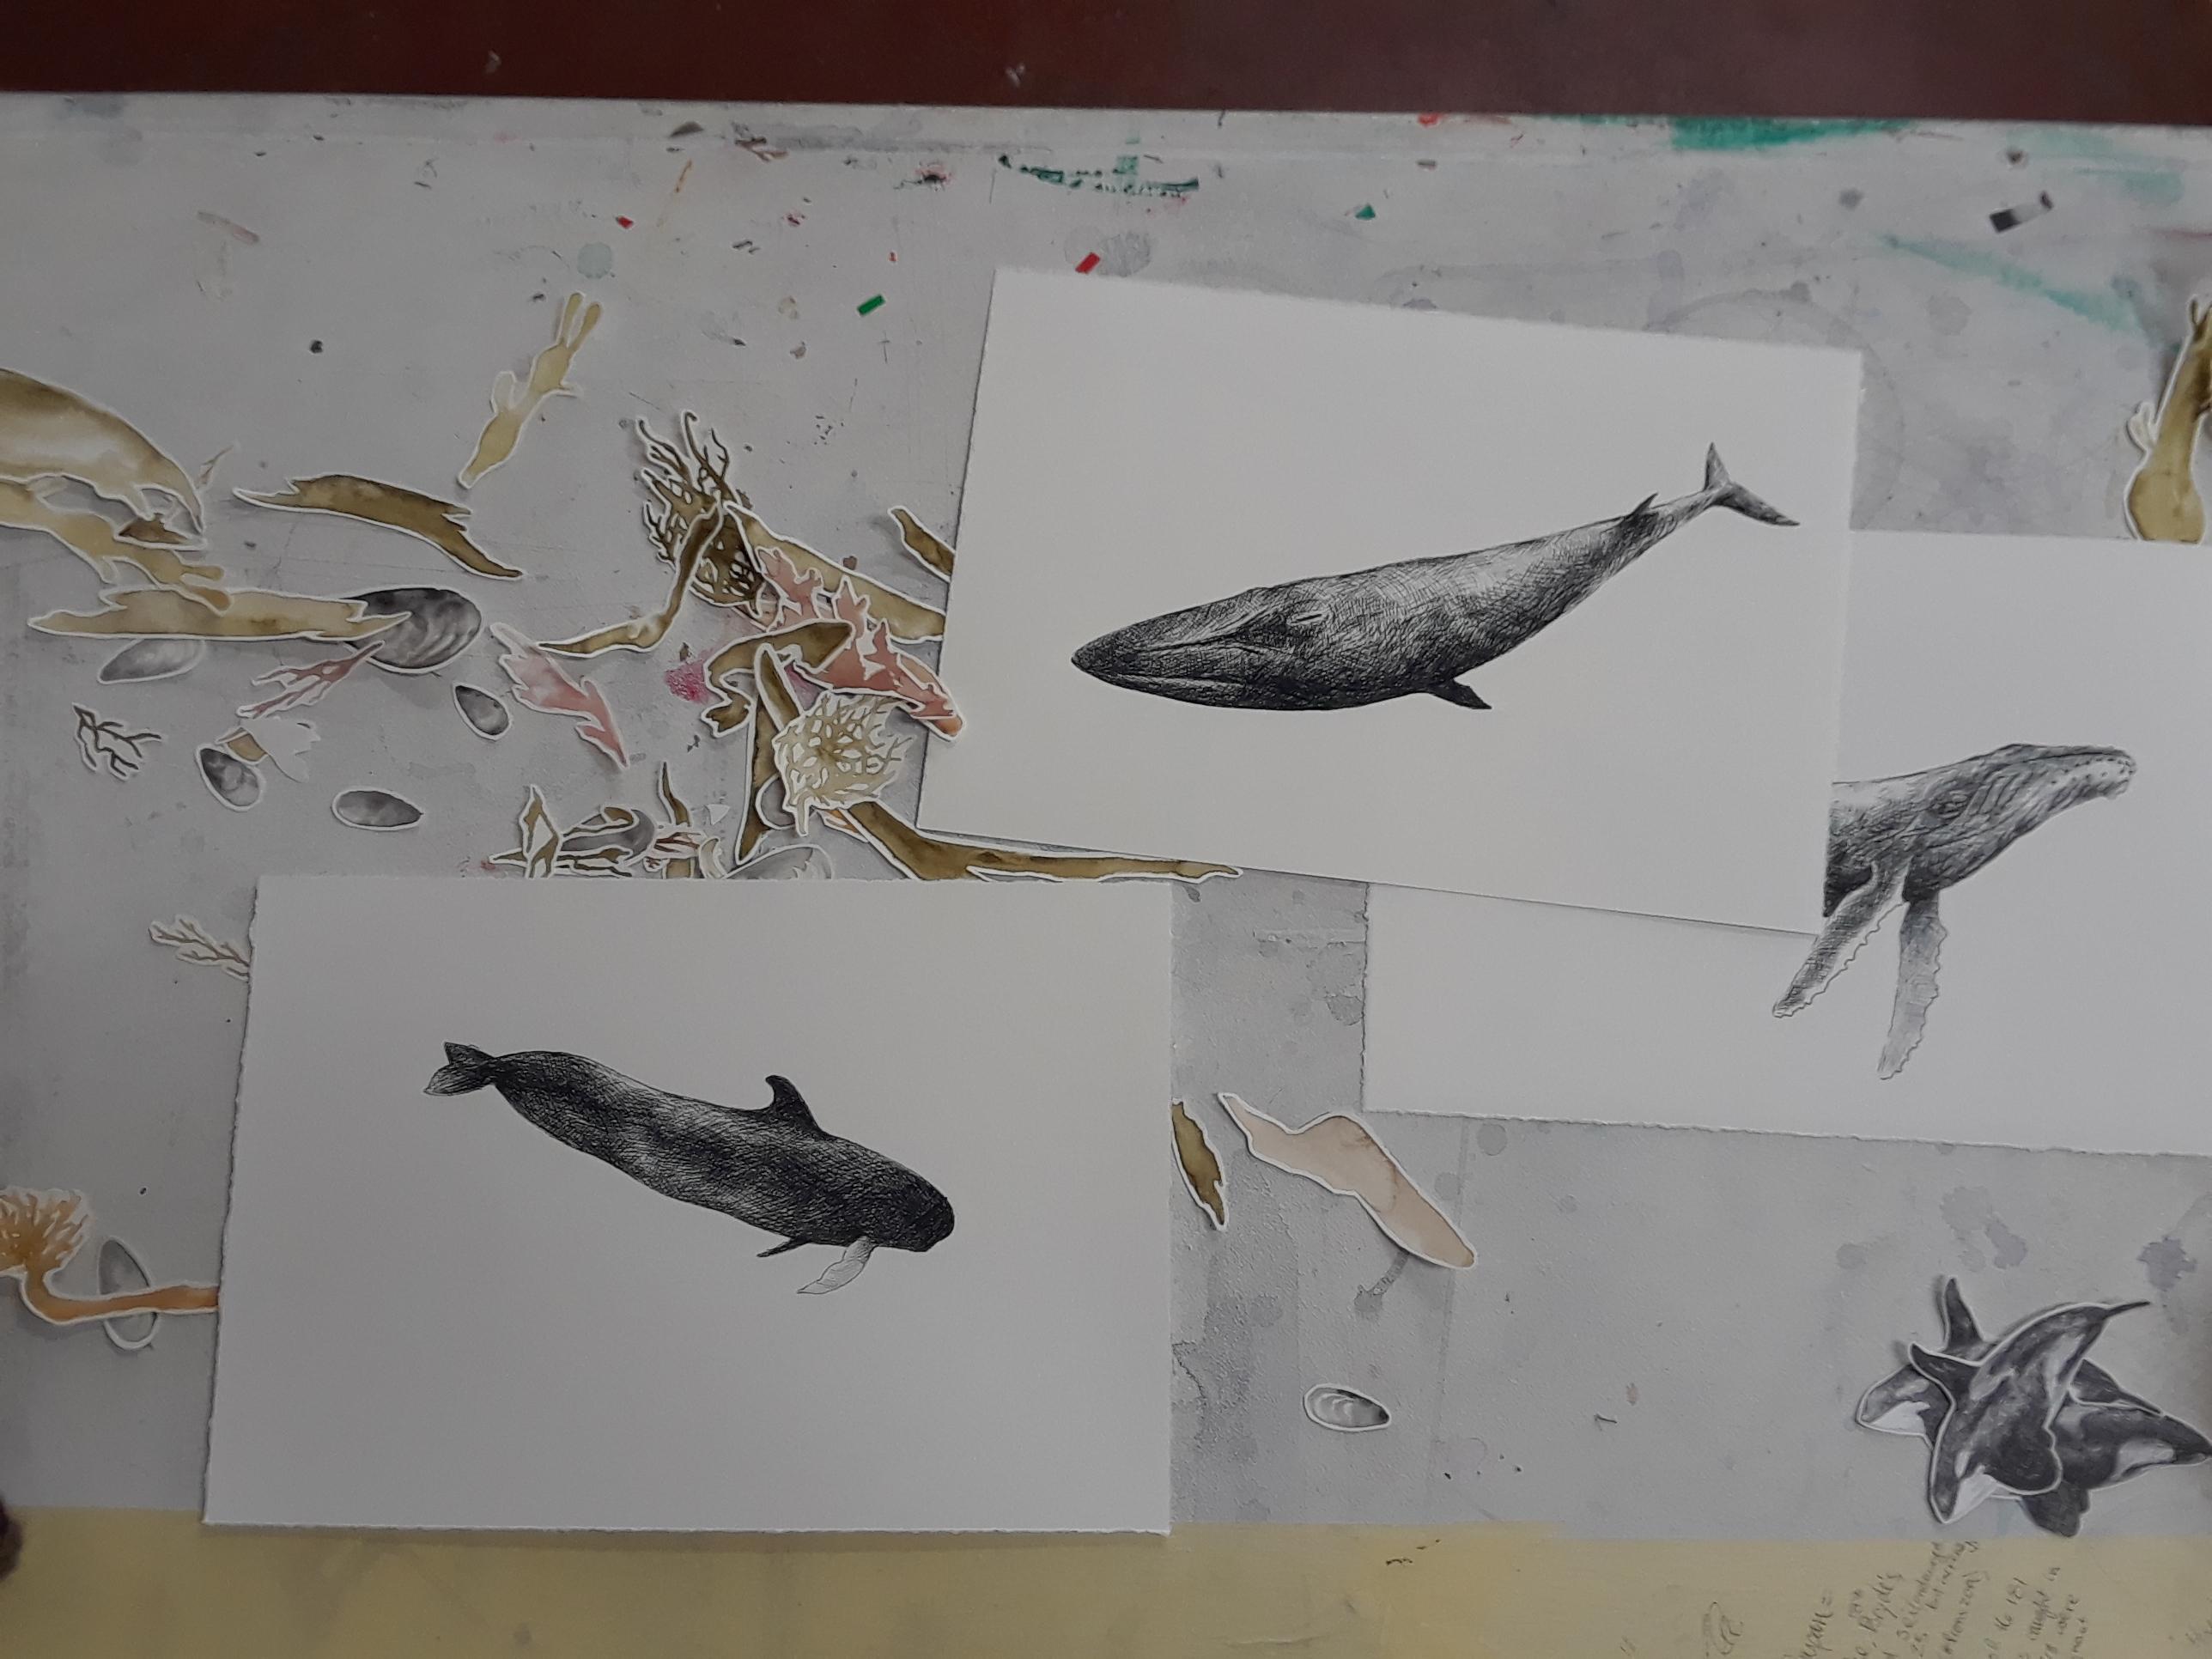 Studio work in progress